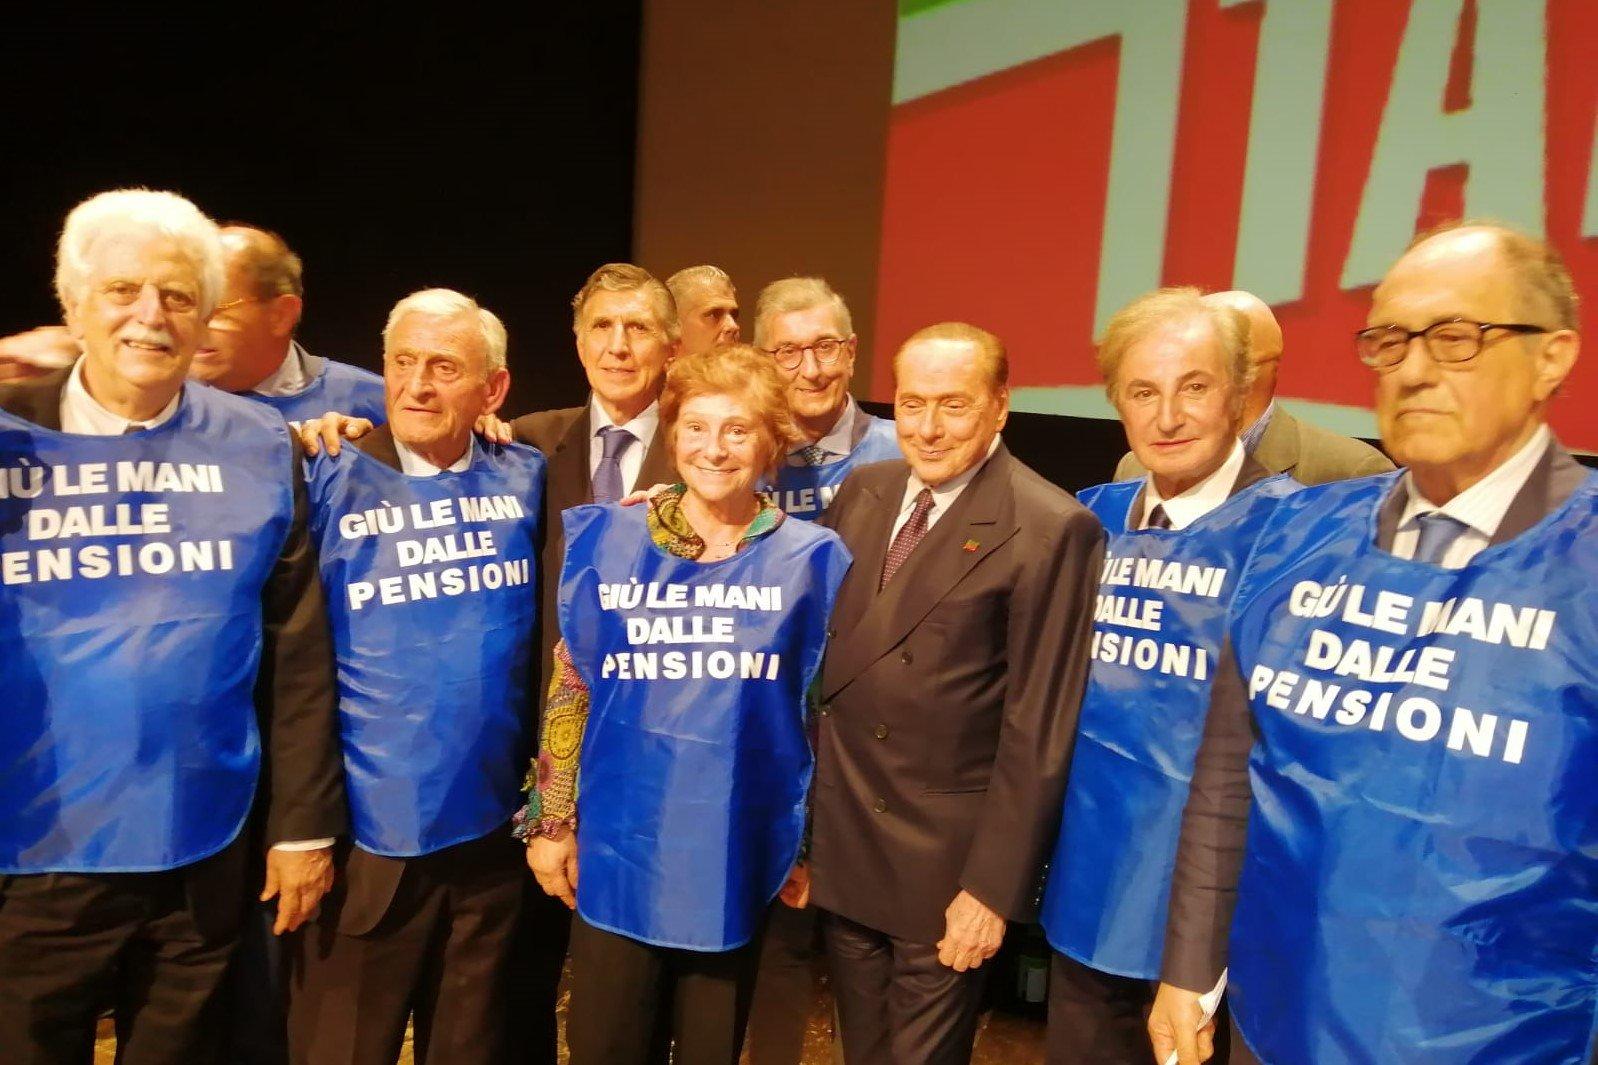 Seniores: Flash mob a tutela dei diritti degli anziani